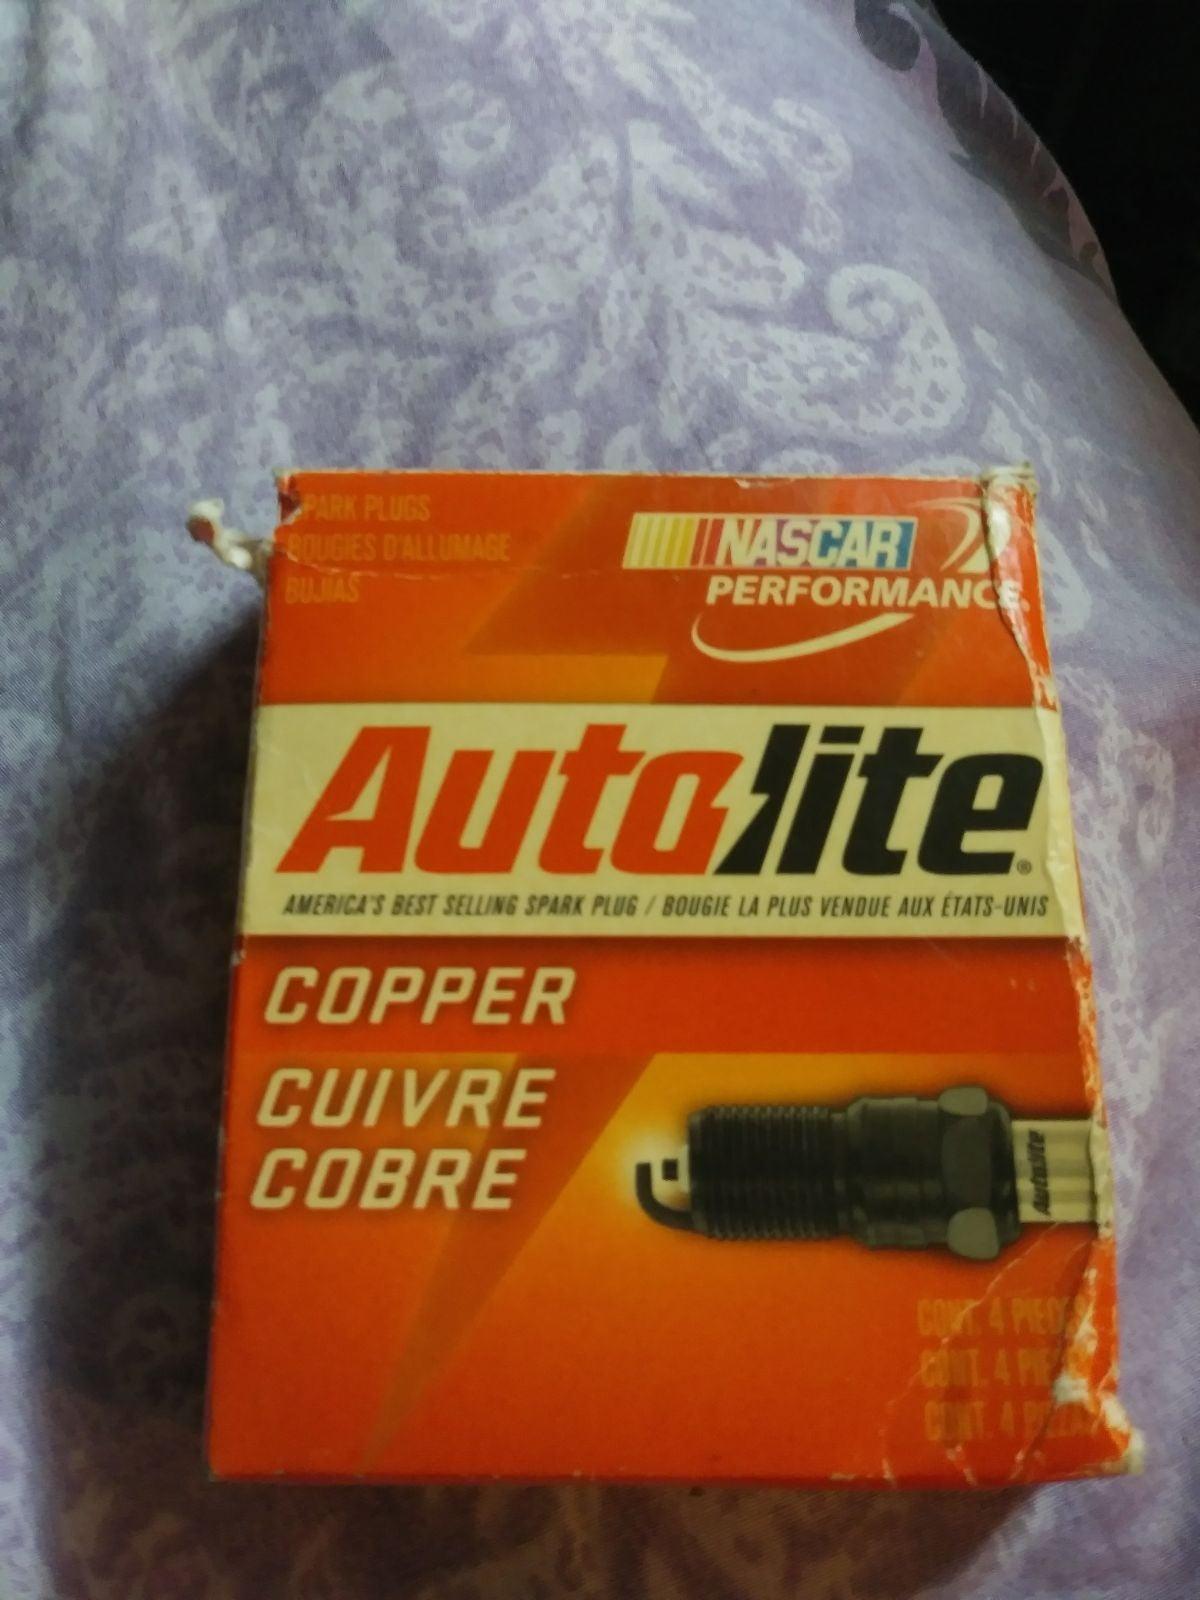 Autolite copper core spark plugs